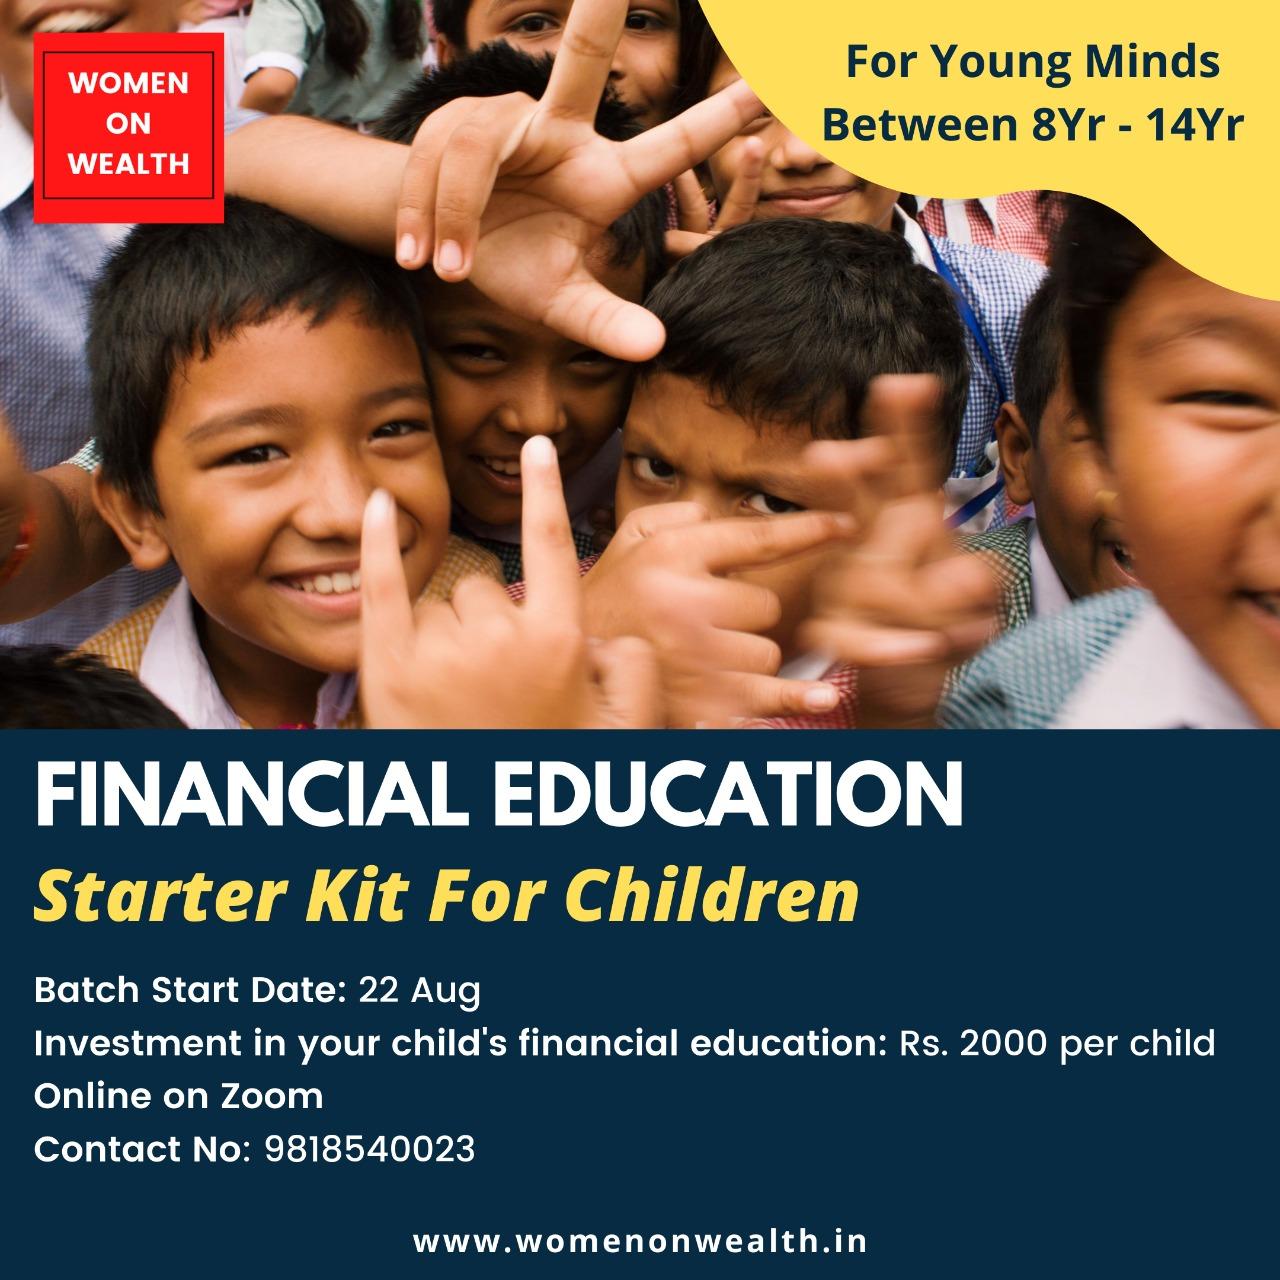 Financial Starter Kit for Children